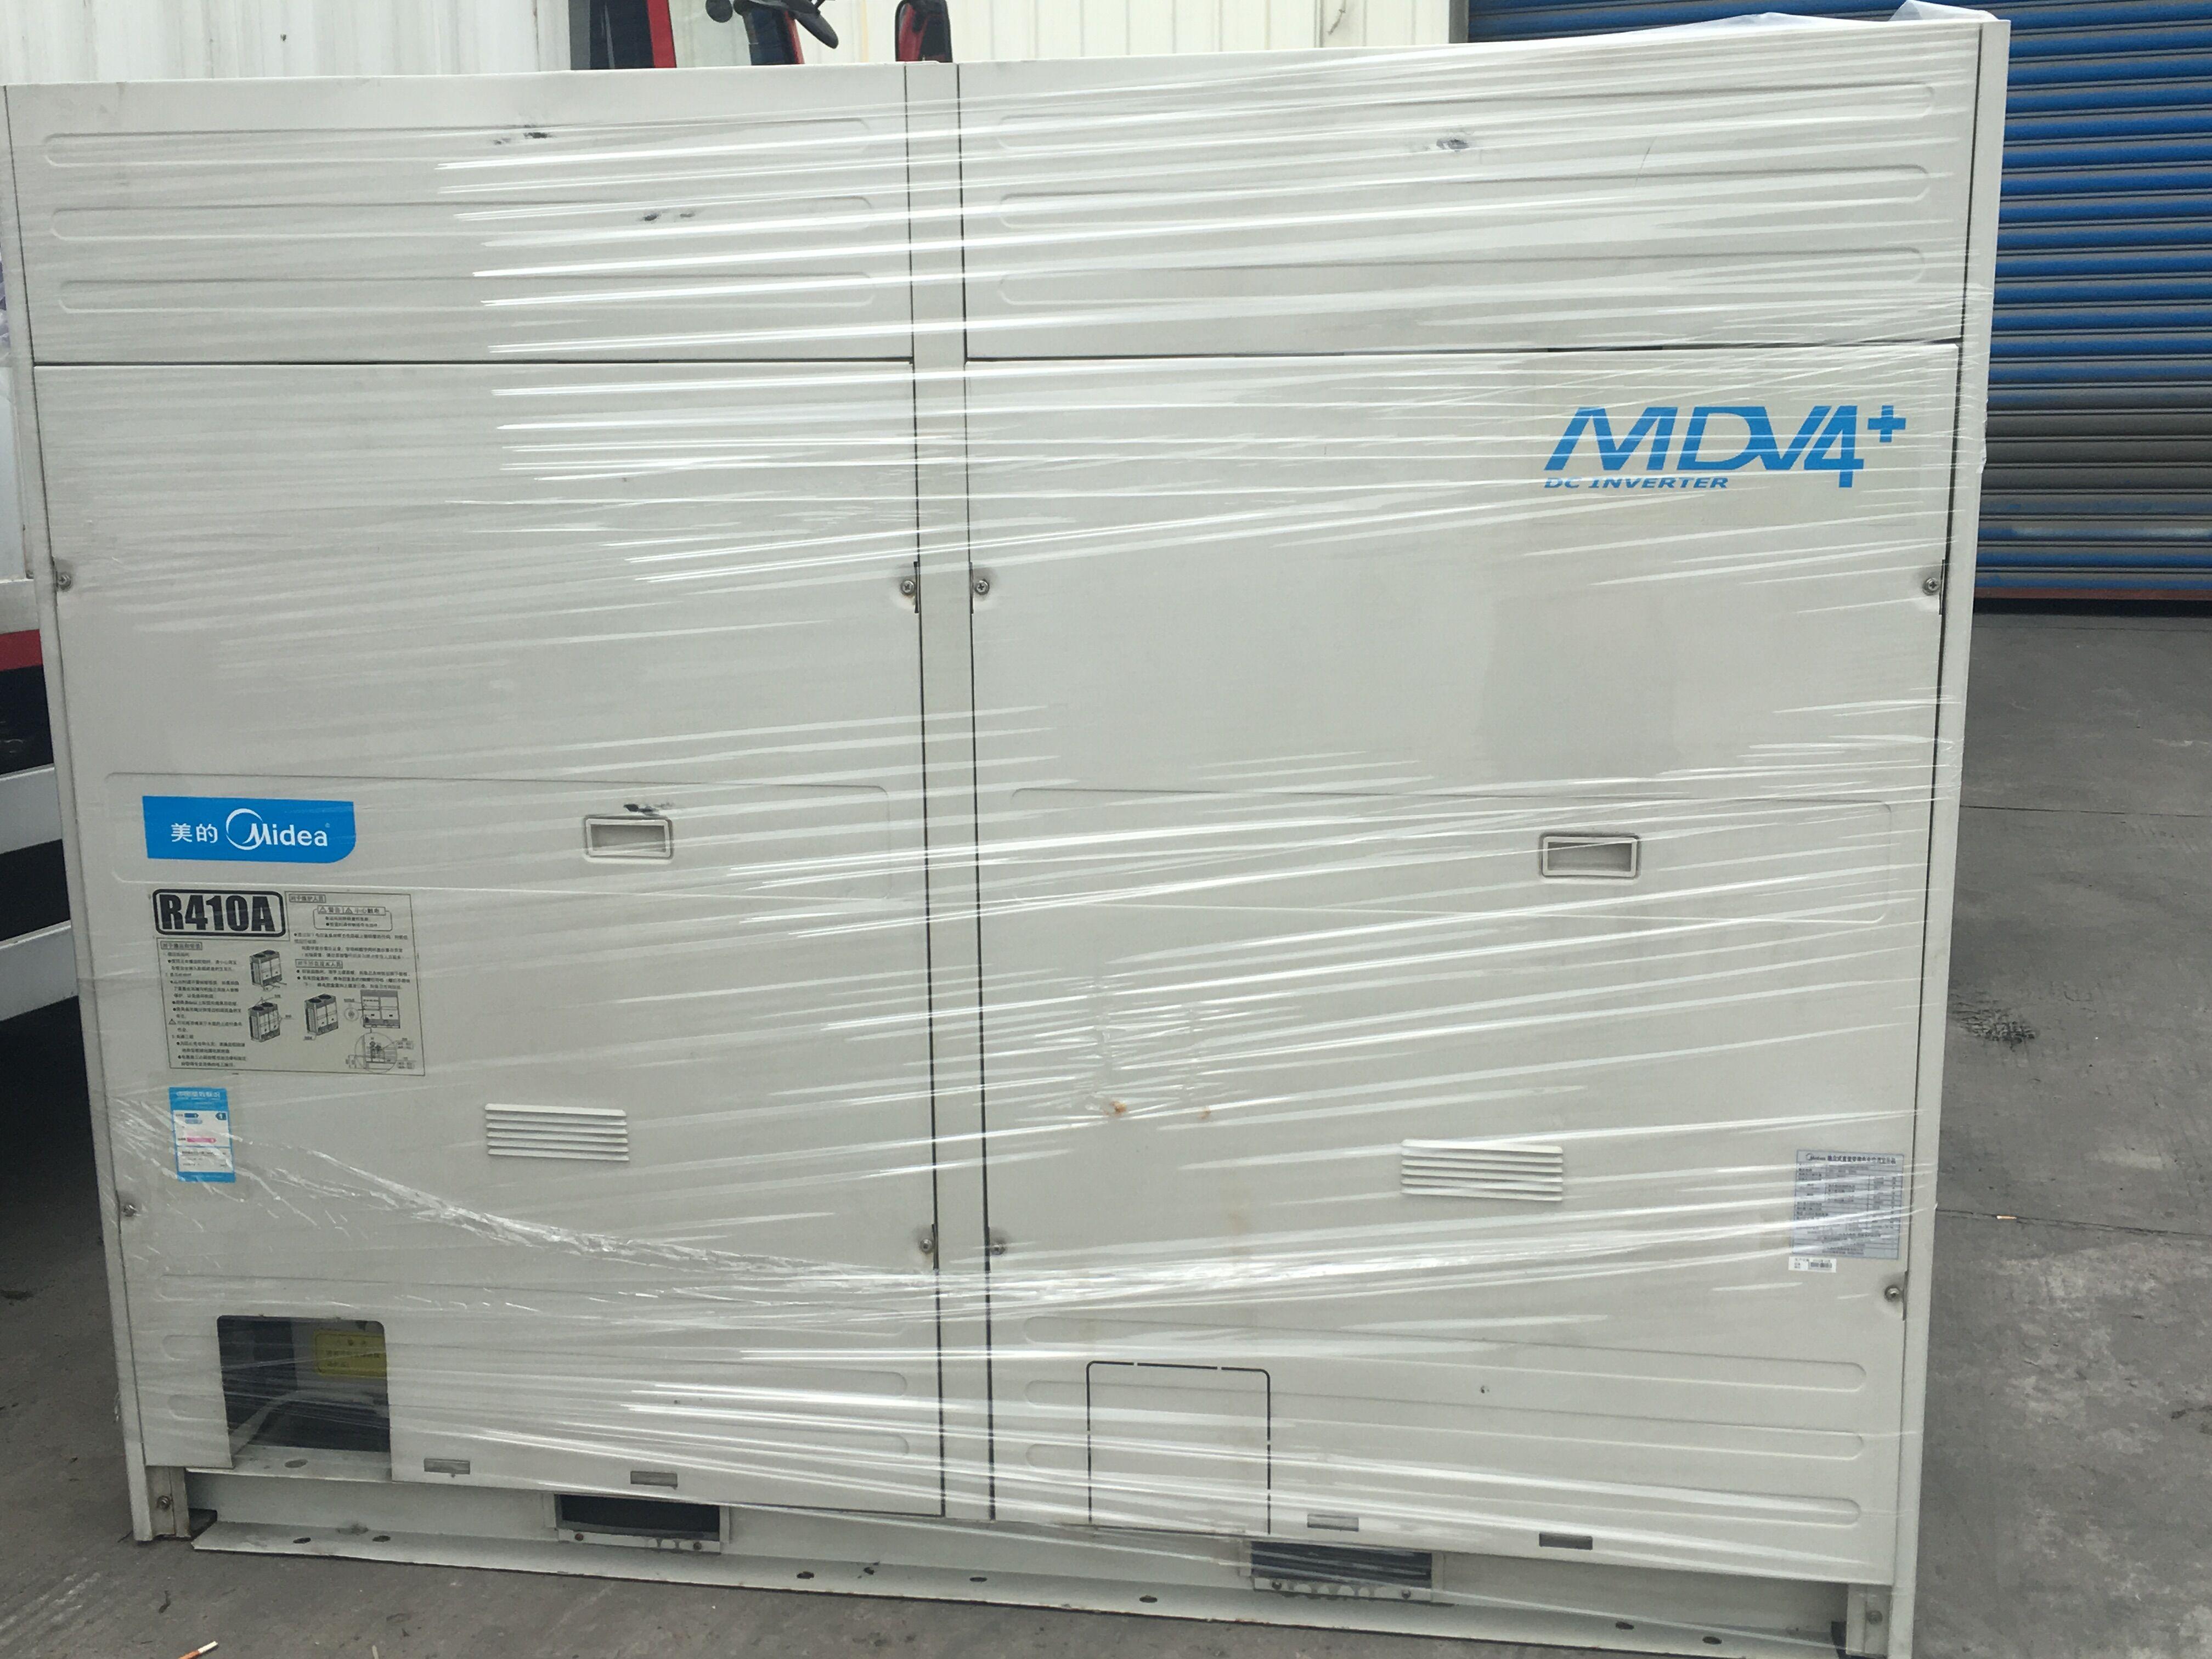 大型中央空调柜机货到付款免费安装维修VRV商用吸顶式二手美